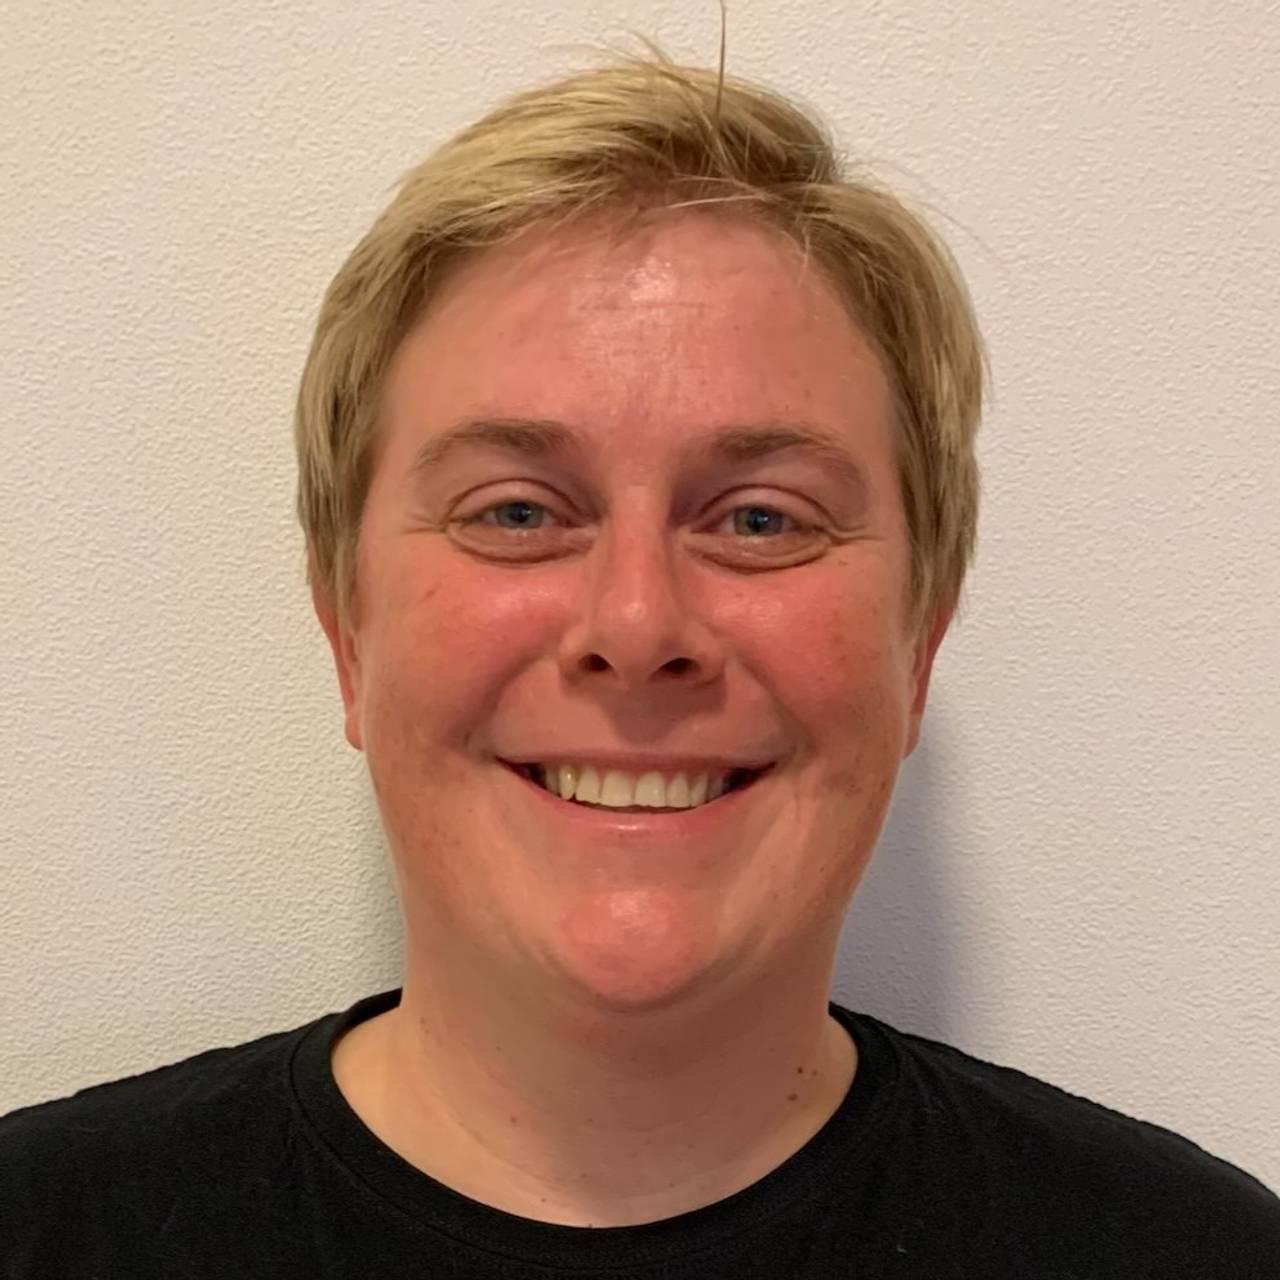 Bilde av Ingvild M.L. Halvorsen (43)